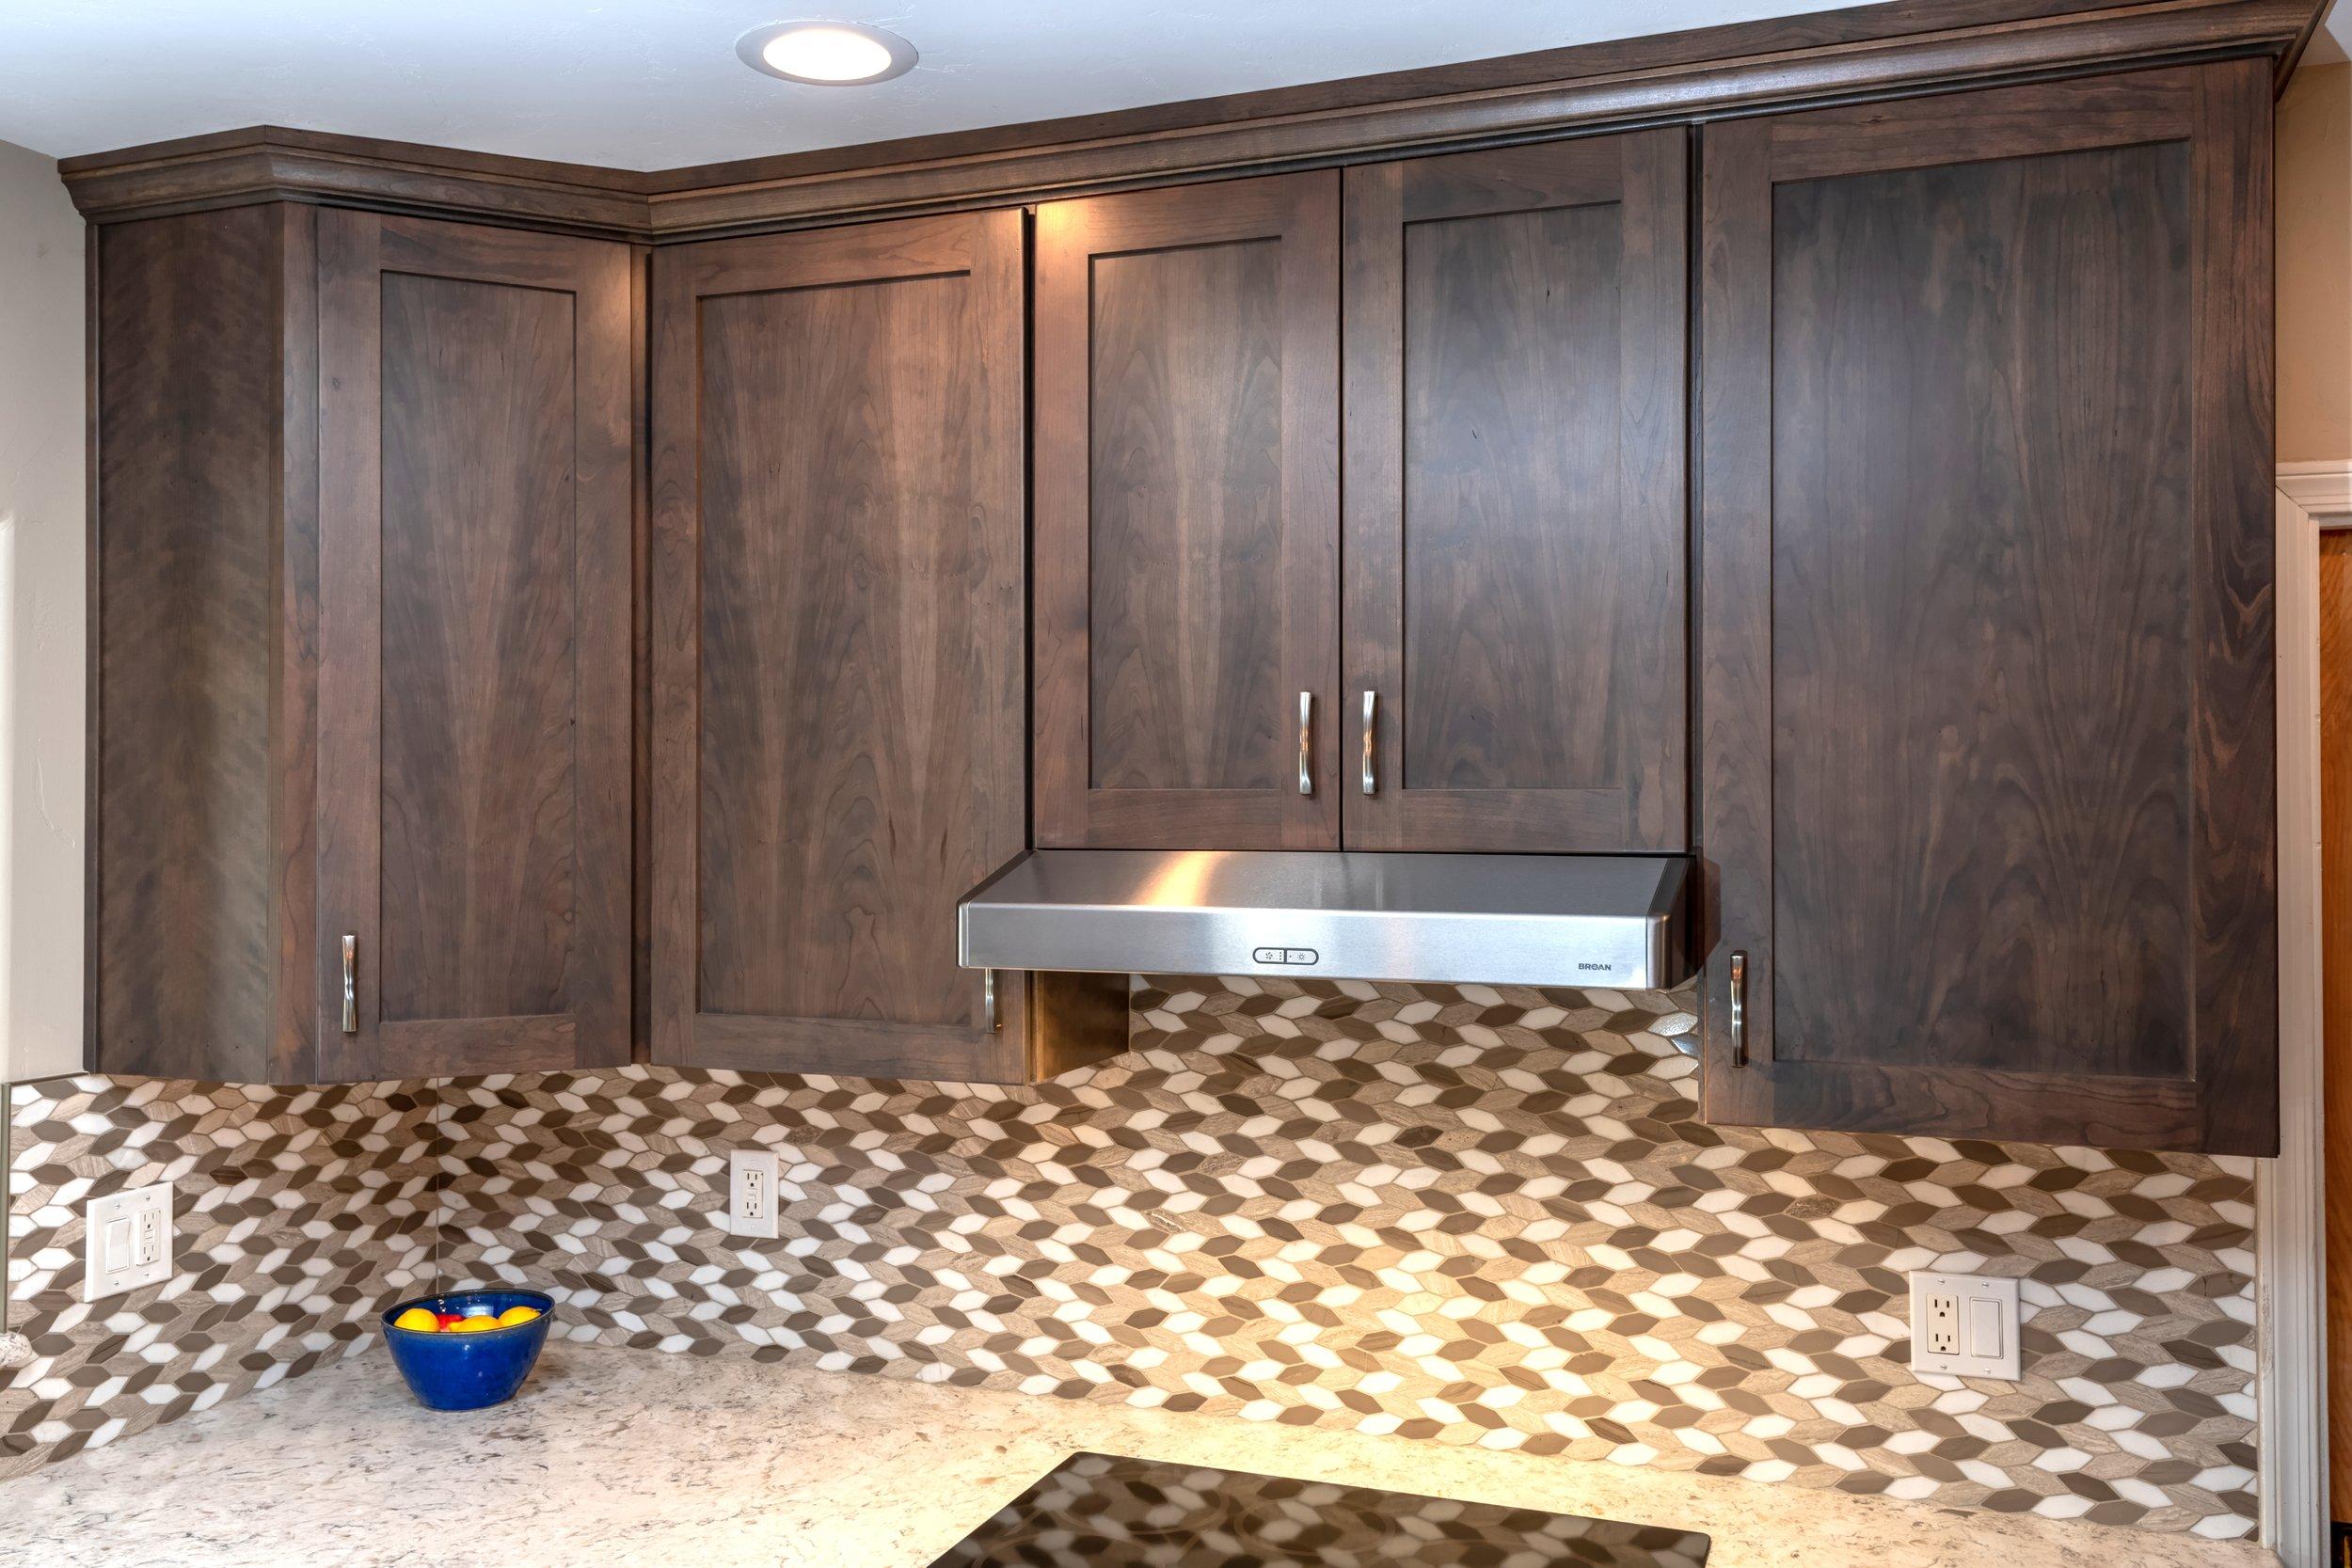 kitchen-concepts-feb-8.jpg